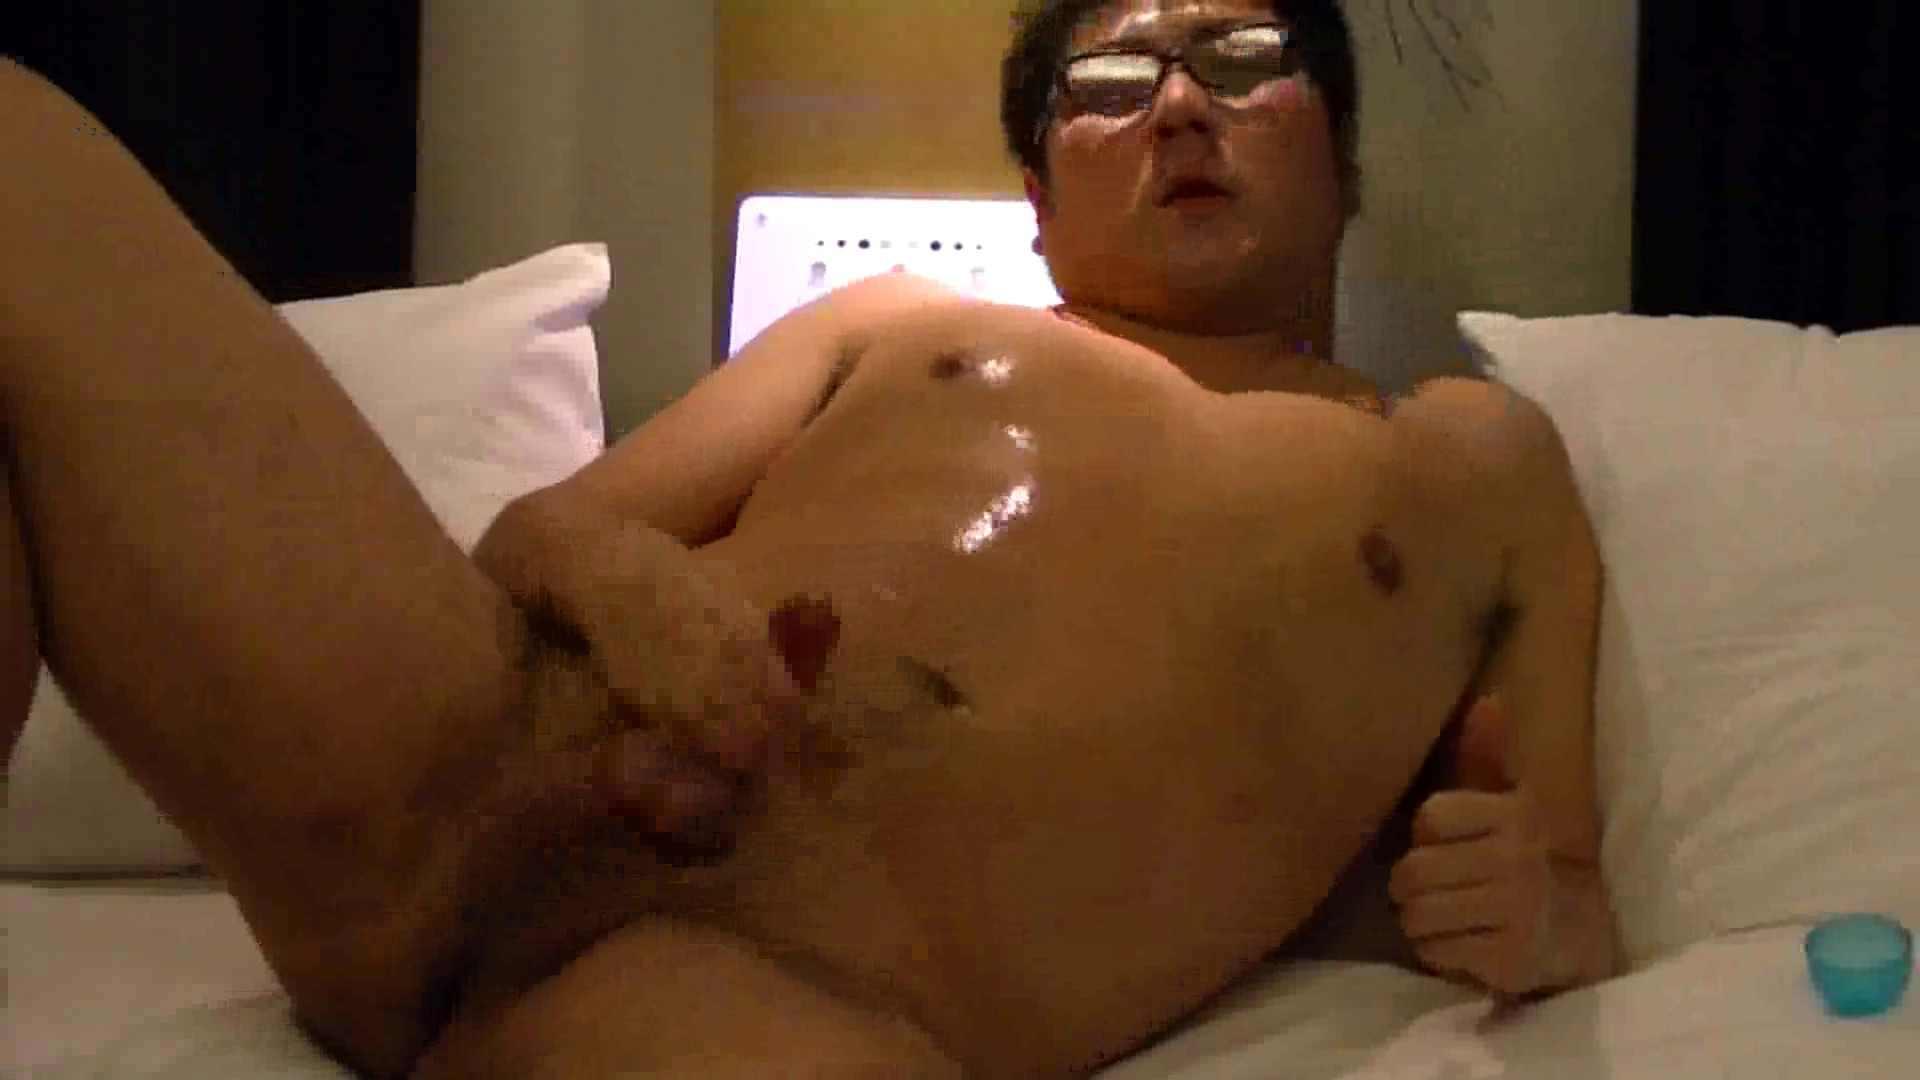 ONA見せカーニバル!! Vol5 メンズのエッチ   オナニー専門男子  81画像 51